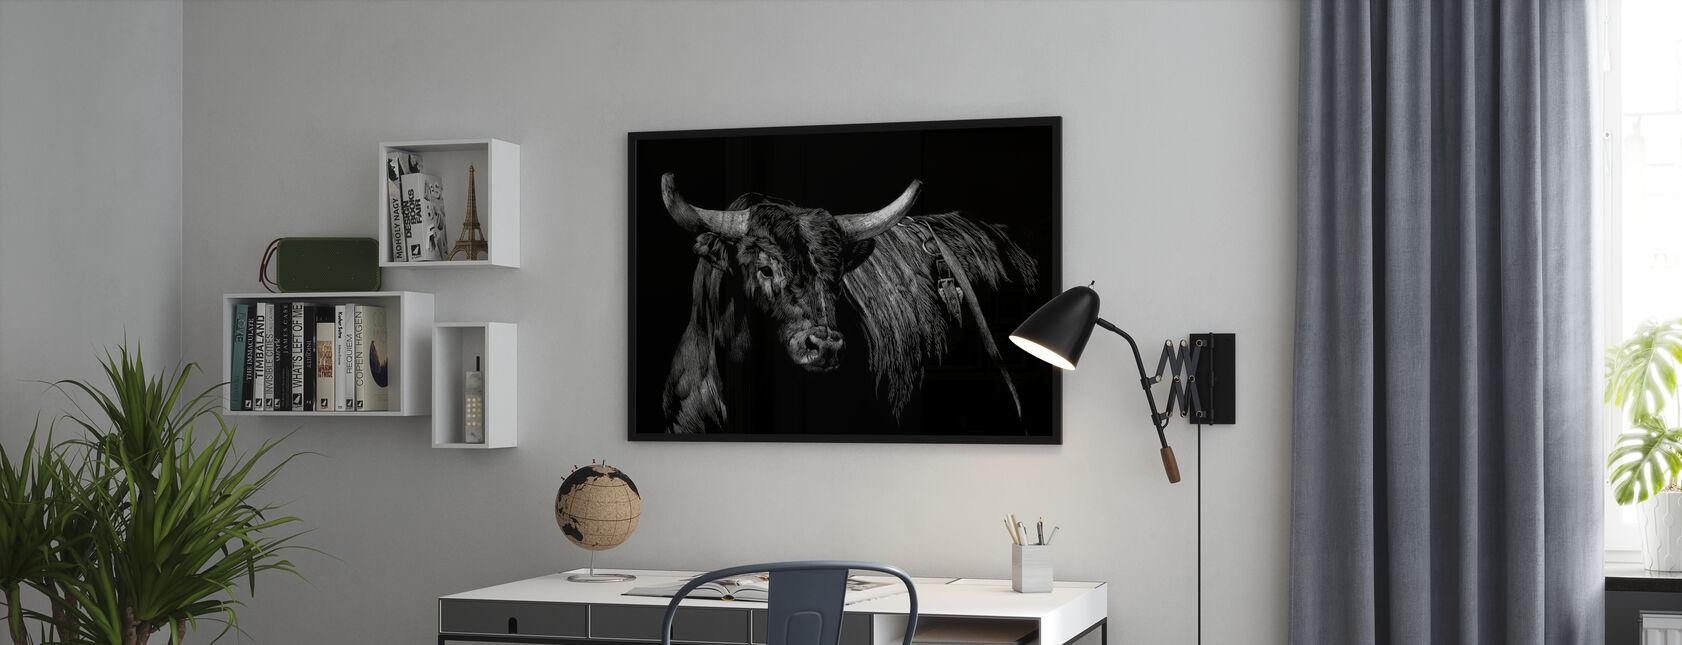 Brindle Rodeo Bull - Indrammet billede - Kontor